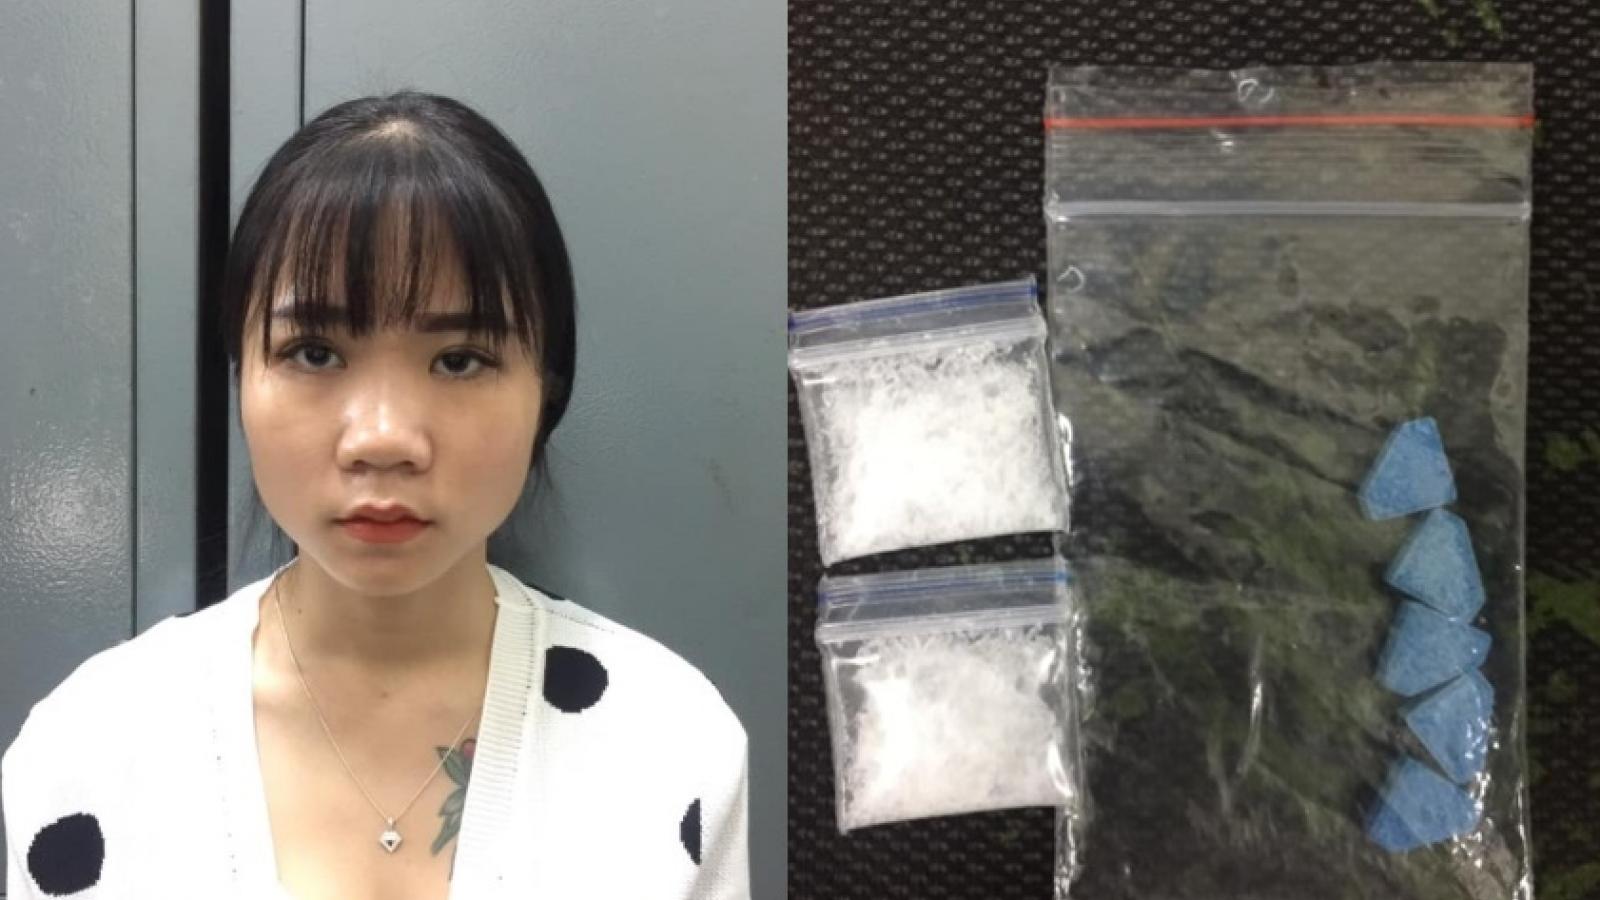 Thiếu nữ dạo phố cổ với ma túy trong túi xách